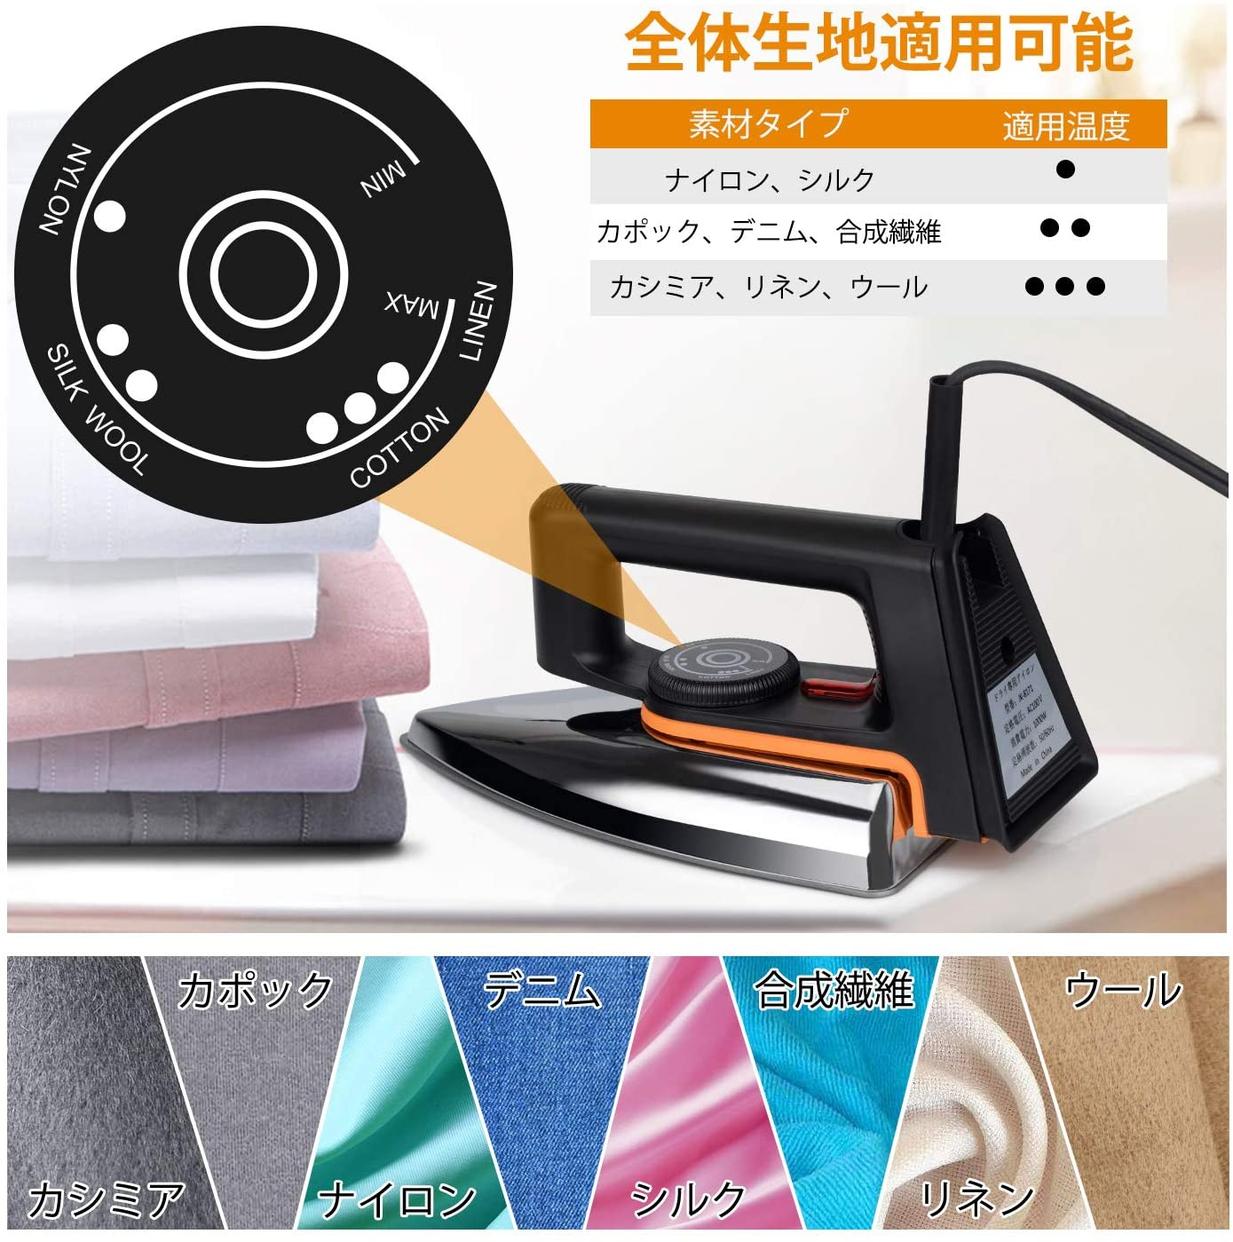 MHD ドライアイロンの商品画像4